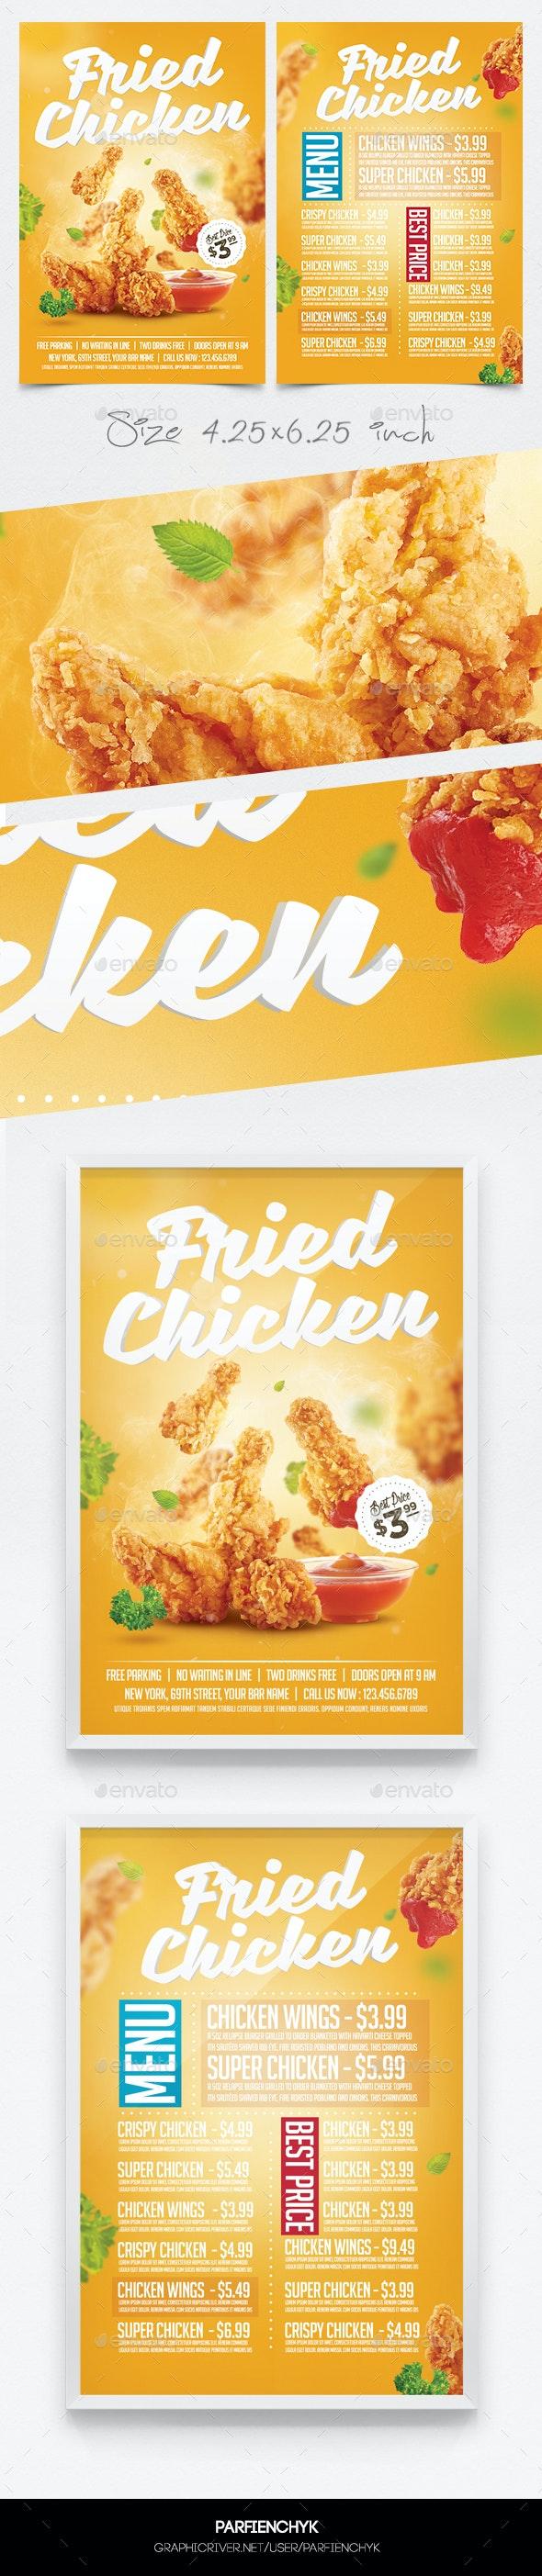 Fried Chicken Flyer Menu Template - Restaurant Flyers